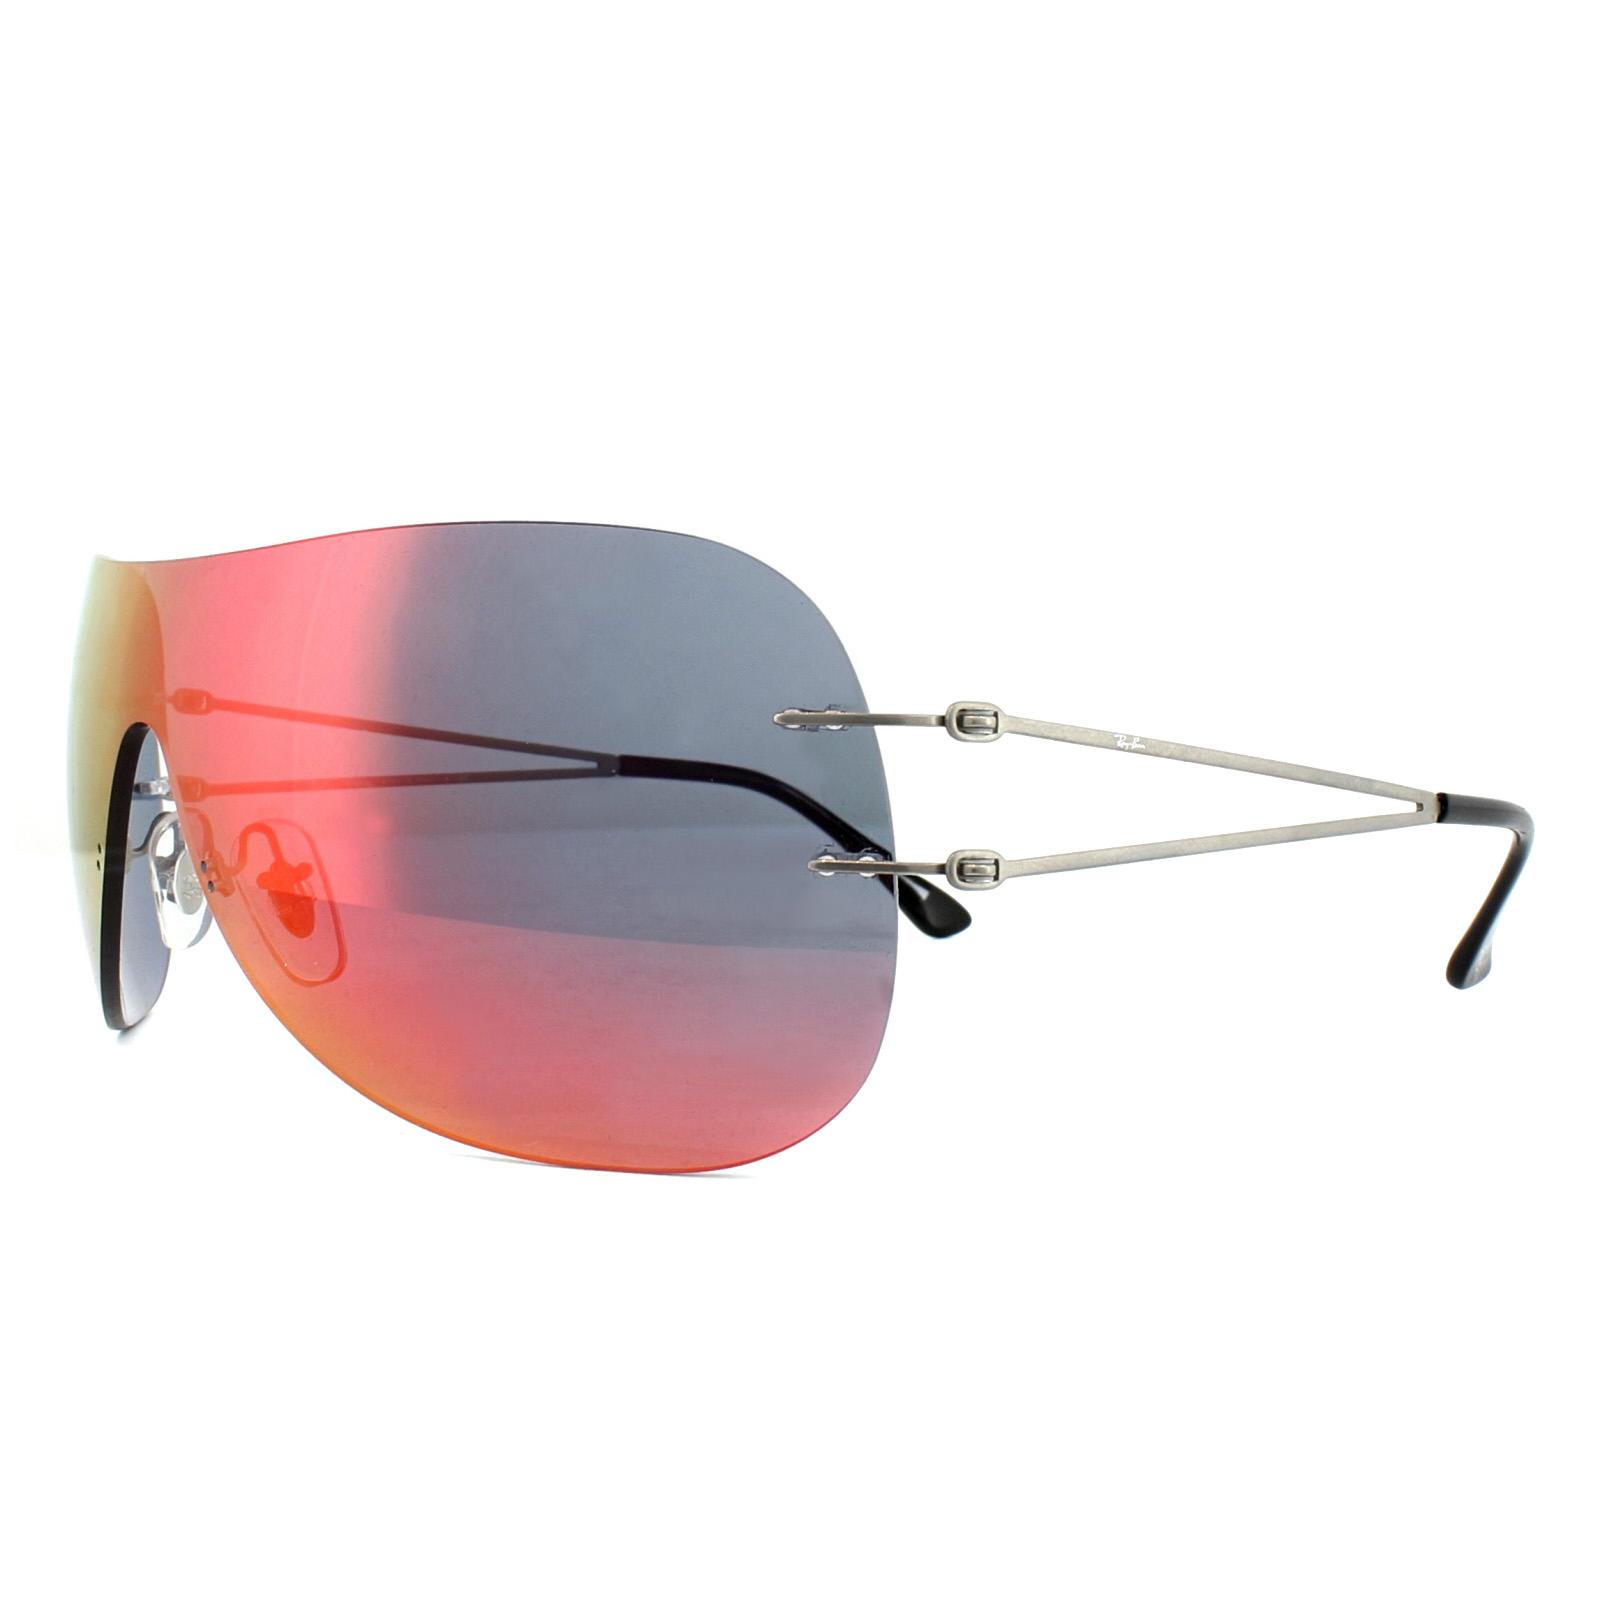 6a3bb5baf3a Ray-Ban Sunglasses 8057 159 6Q Grey Orange Mirror 8053672647501